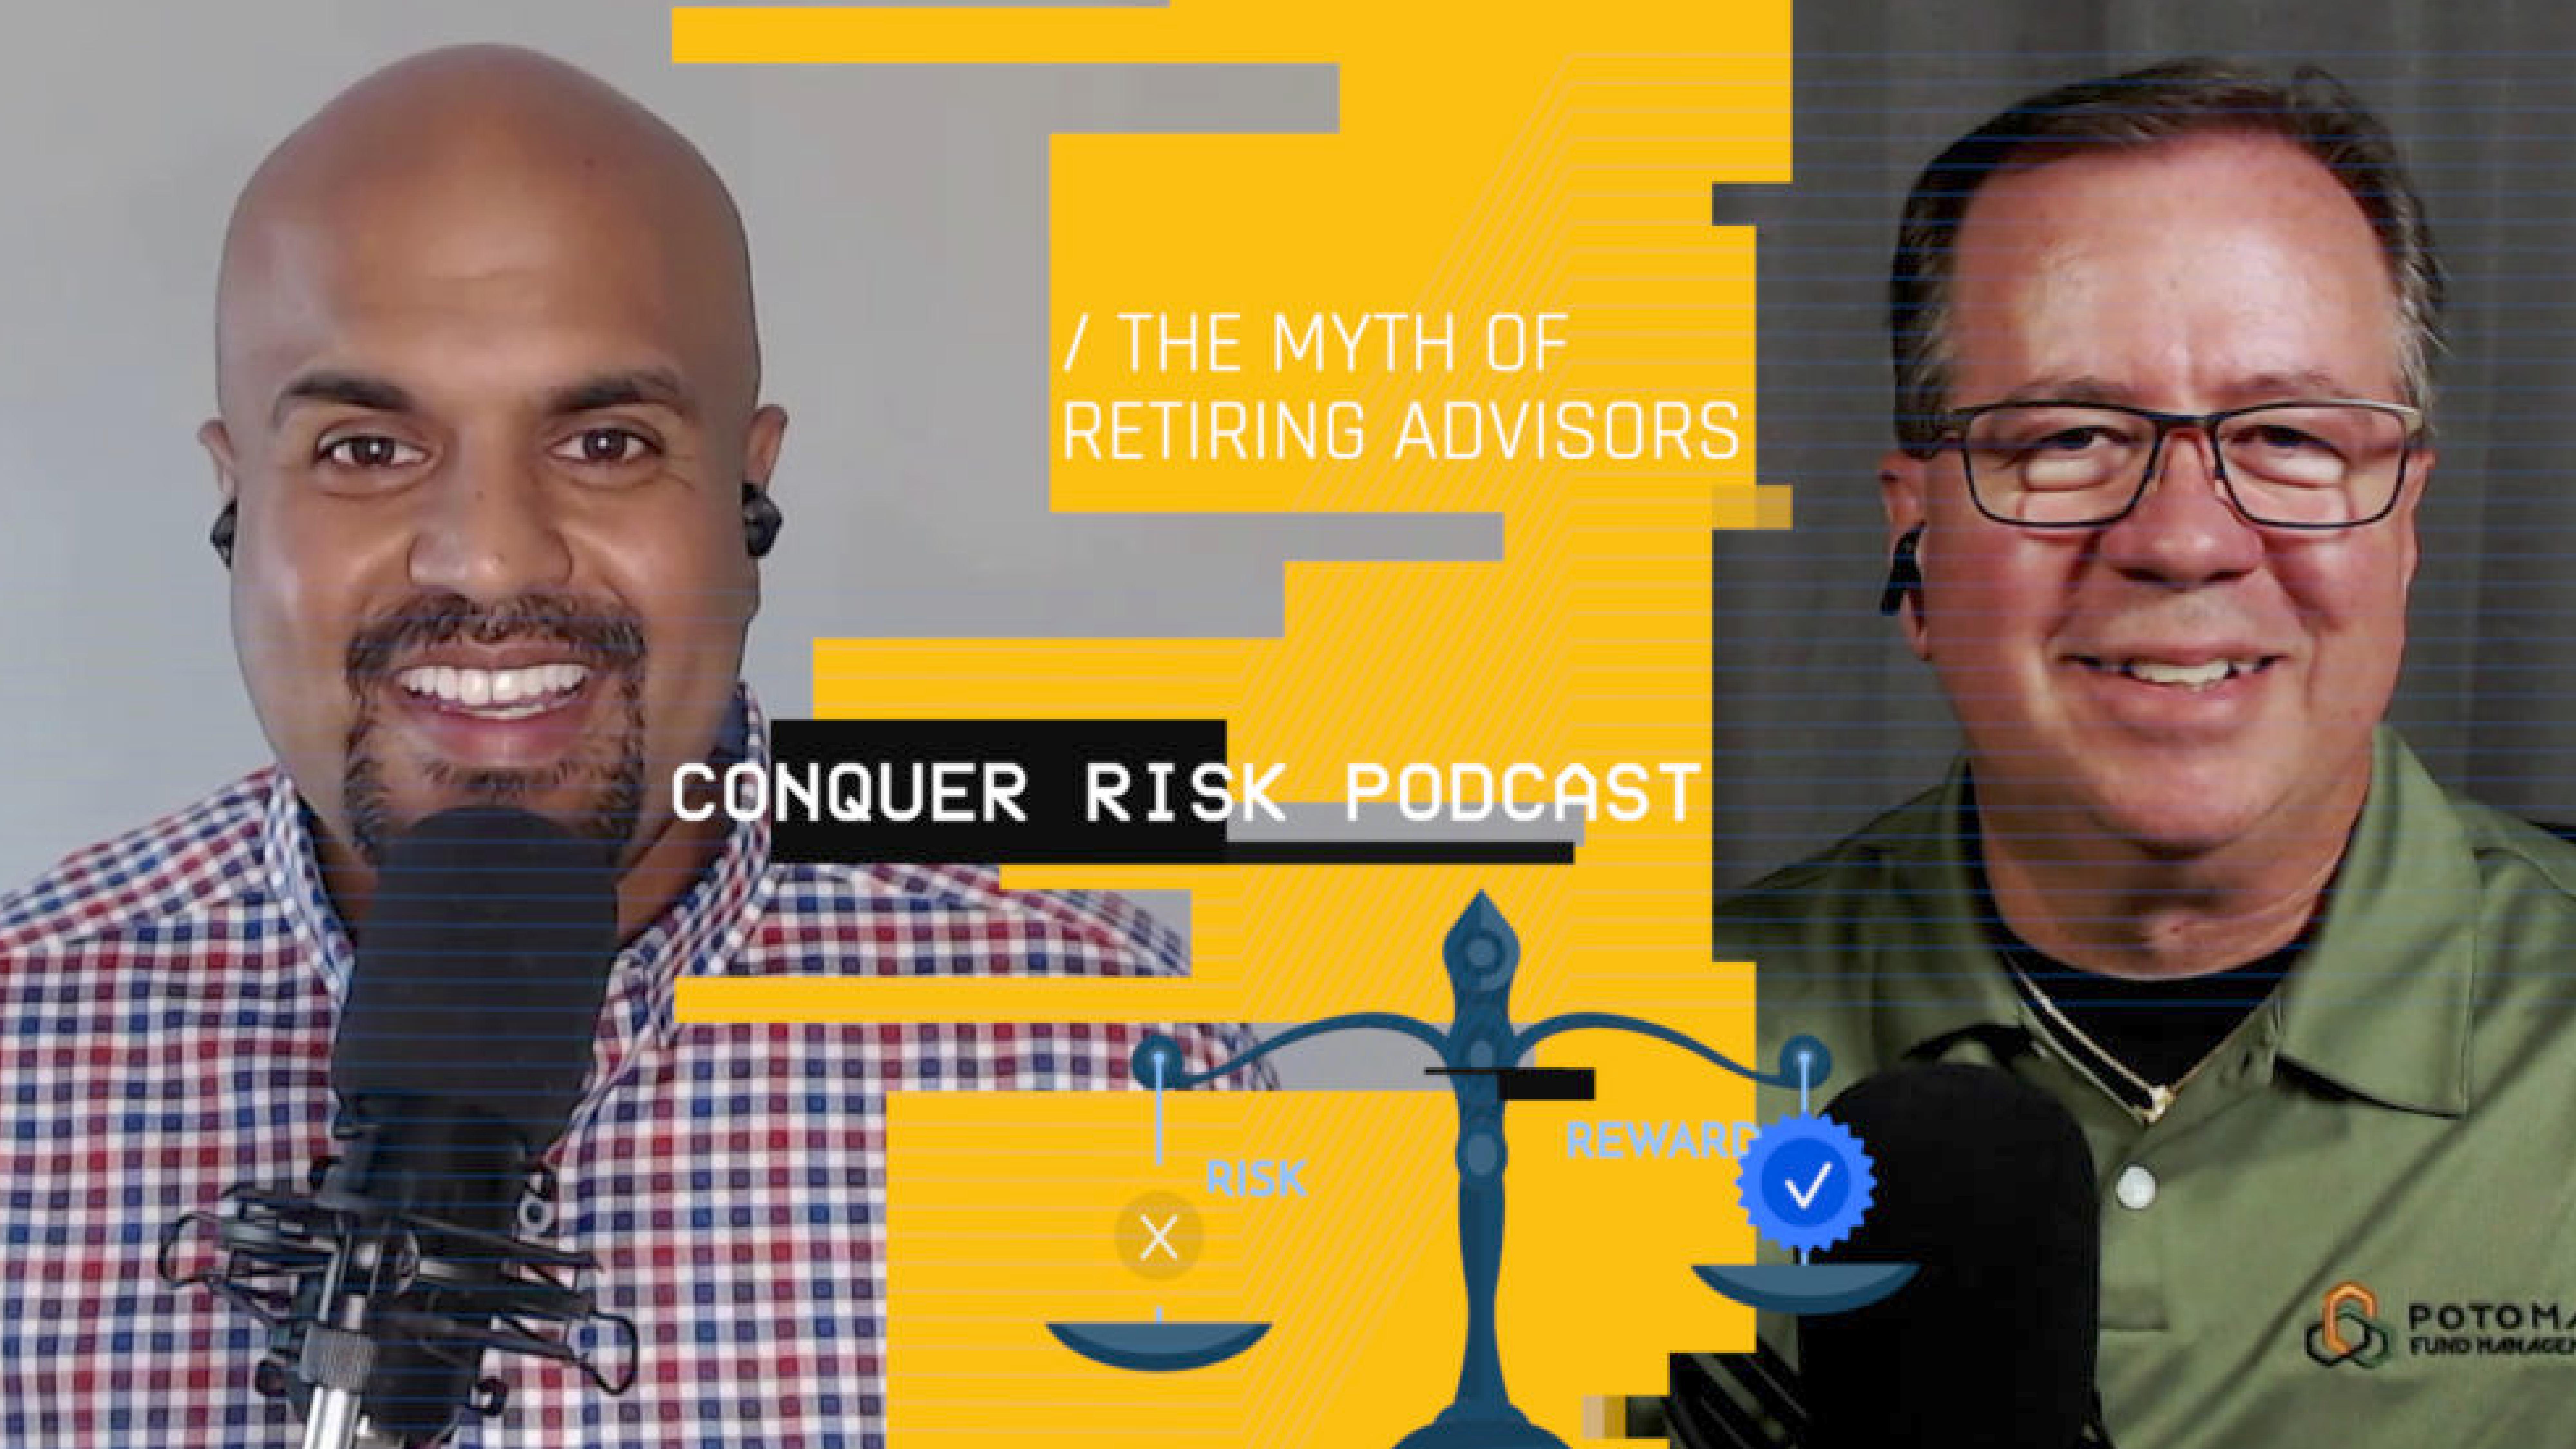 The Myth of Retiring Advisors (S2 E8)